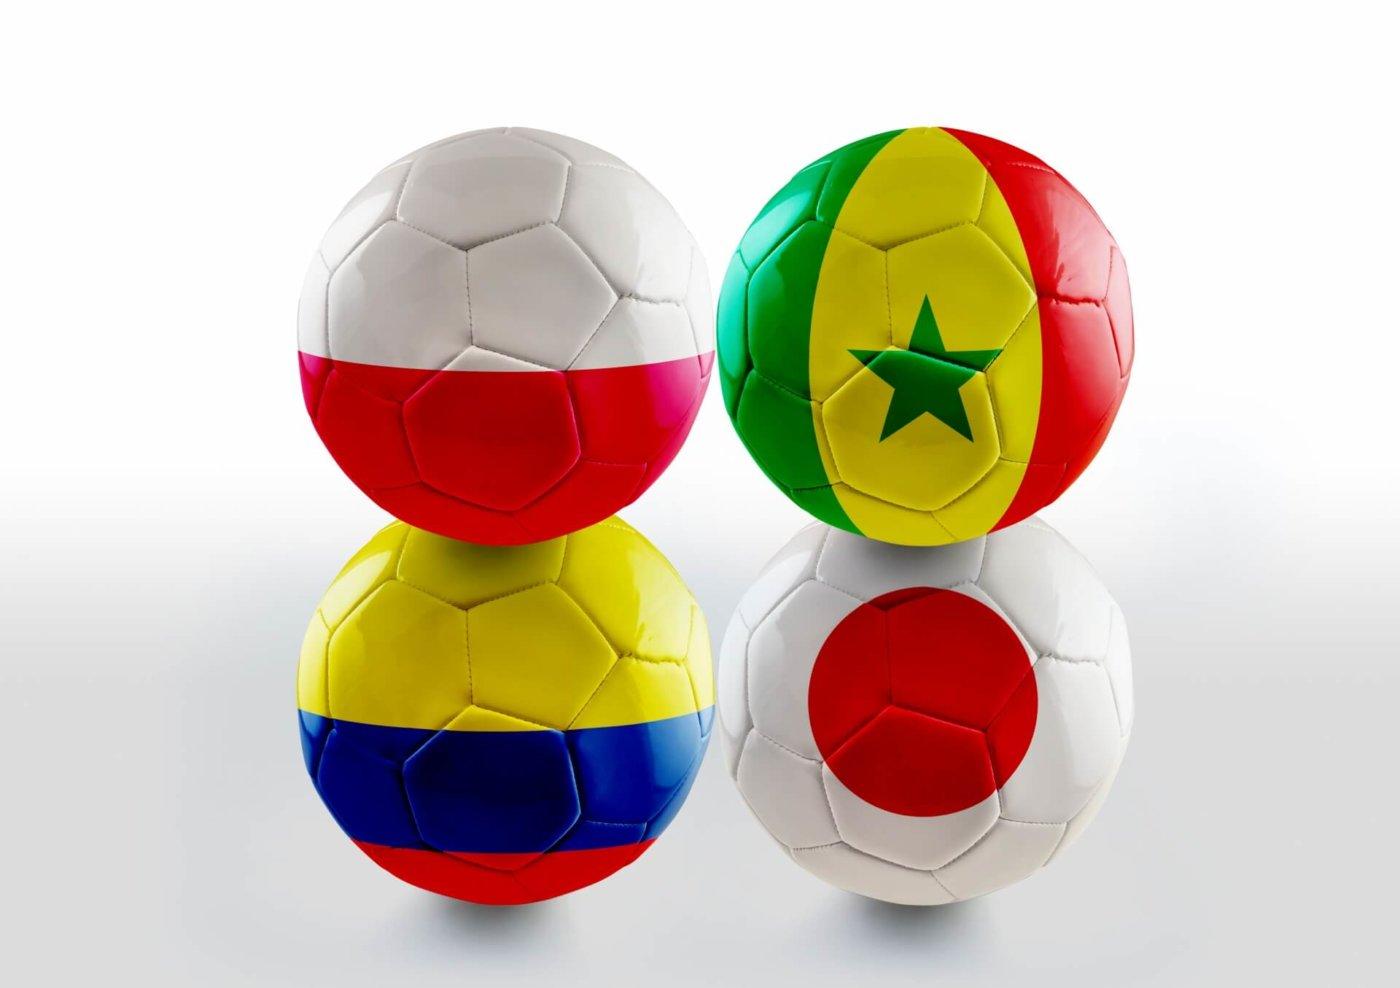 コロンビア代表に注がれる熱狂的なサッカー熱